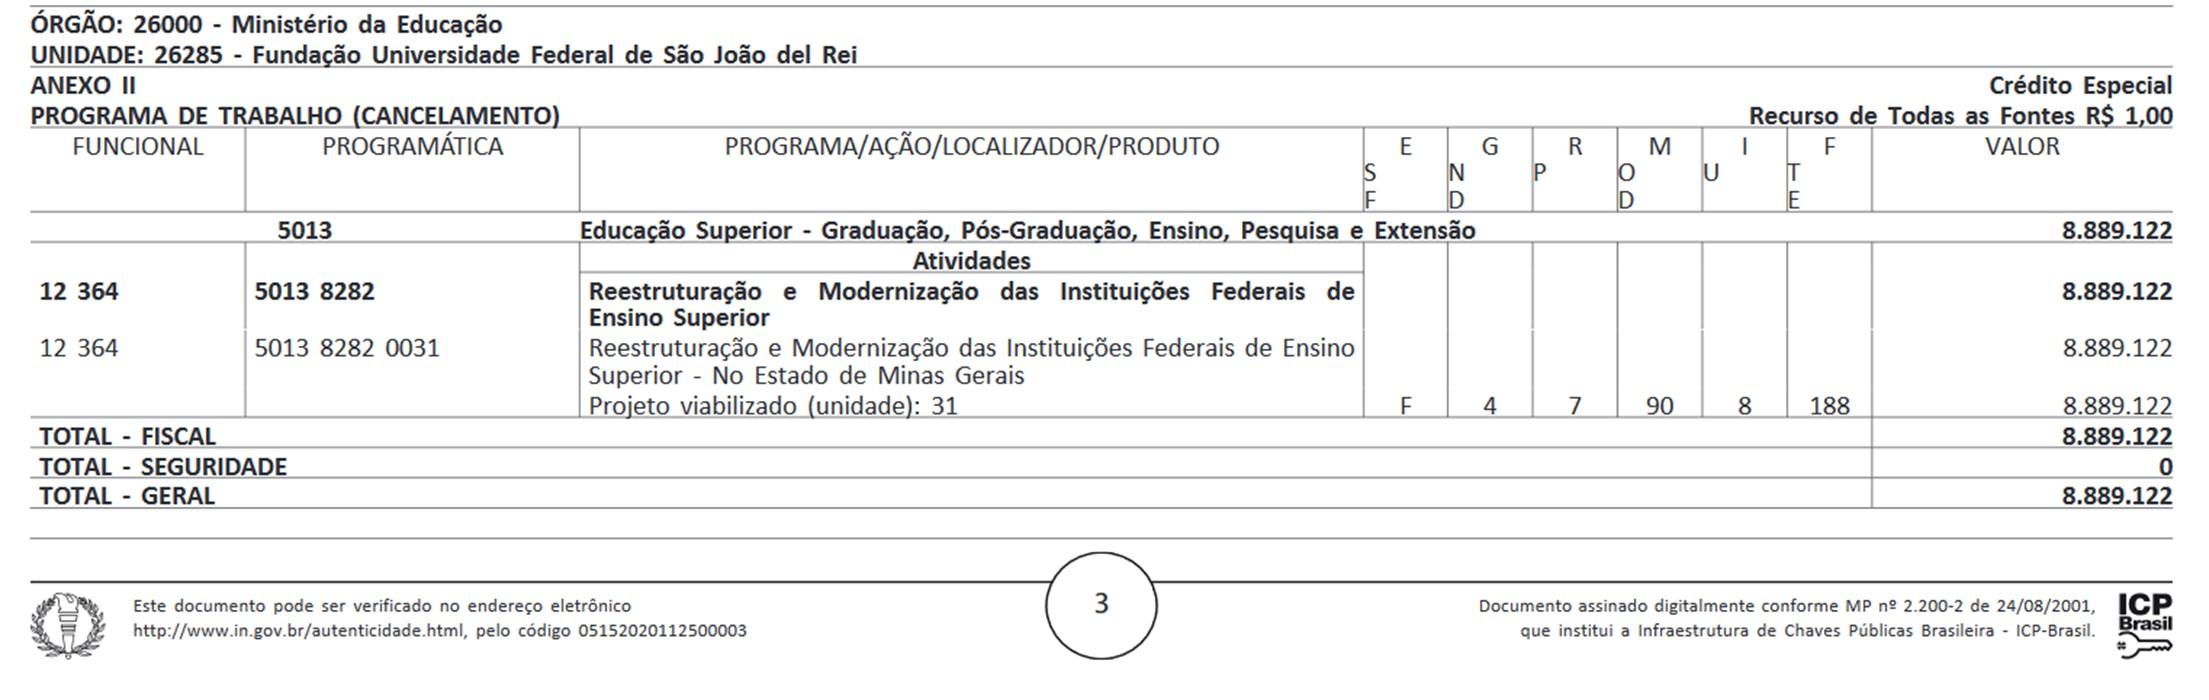 Montante de recursos para a educação destinado à bancada parlamentar de Minas Gerais